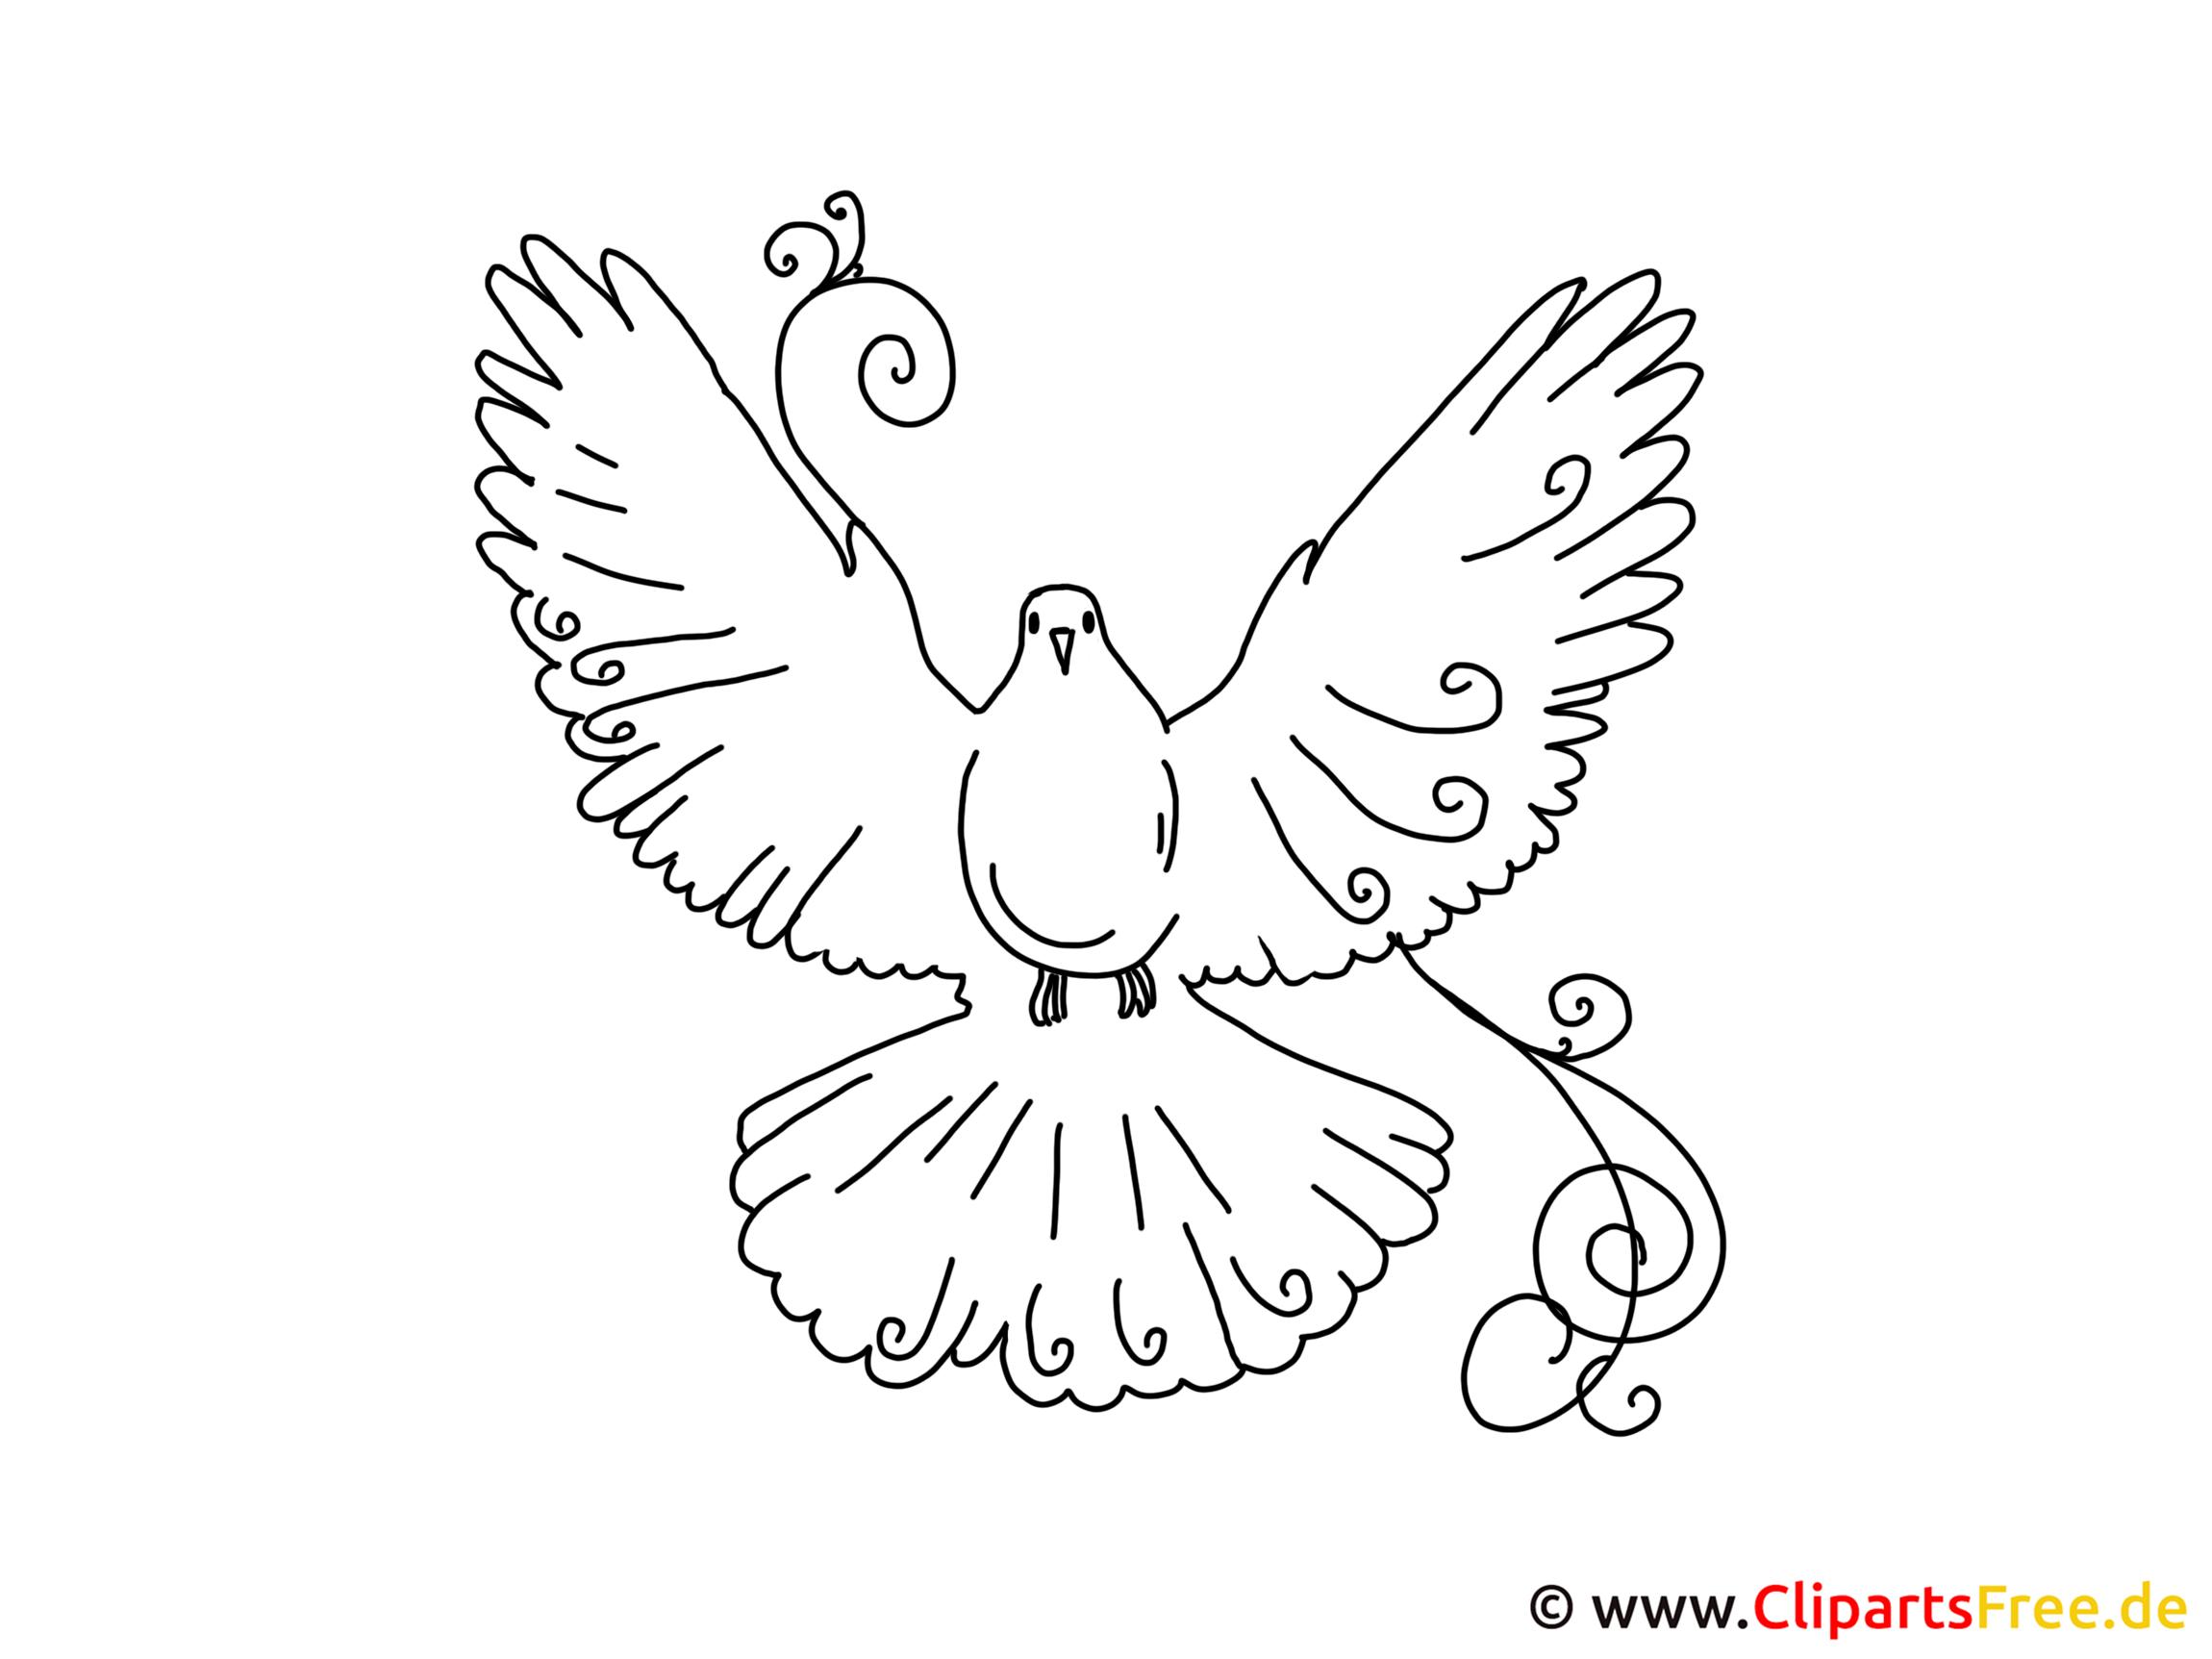 8 Vogel Vorlagen Ausdrucken - Besten Bilder von ausmalbilder